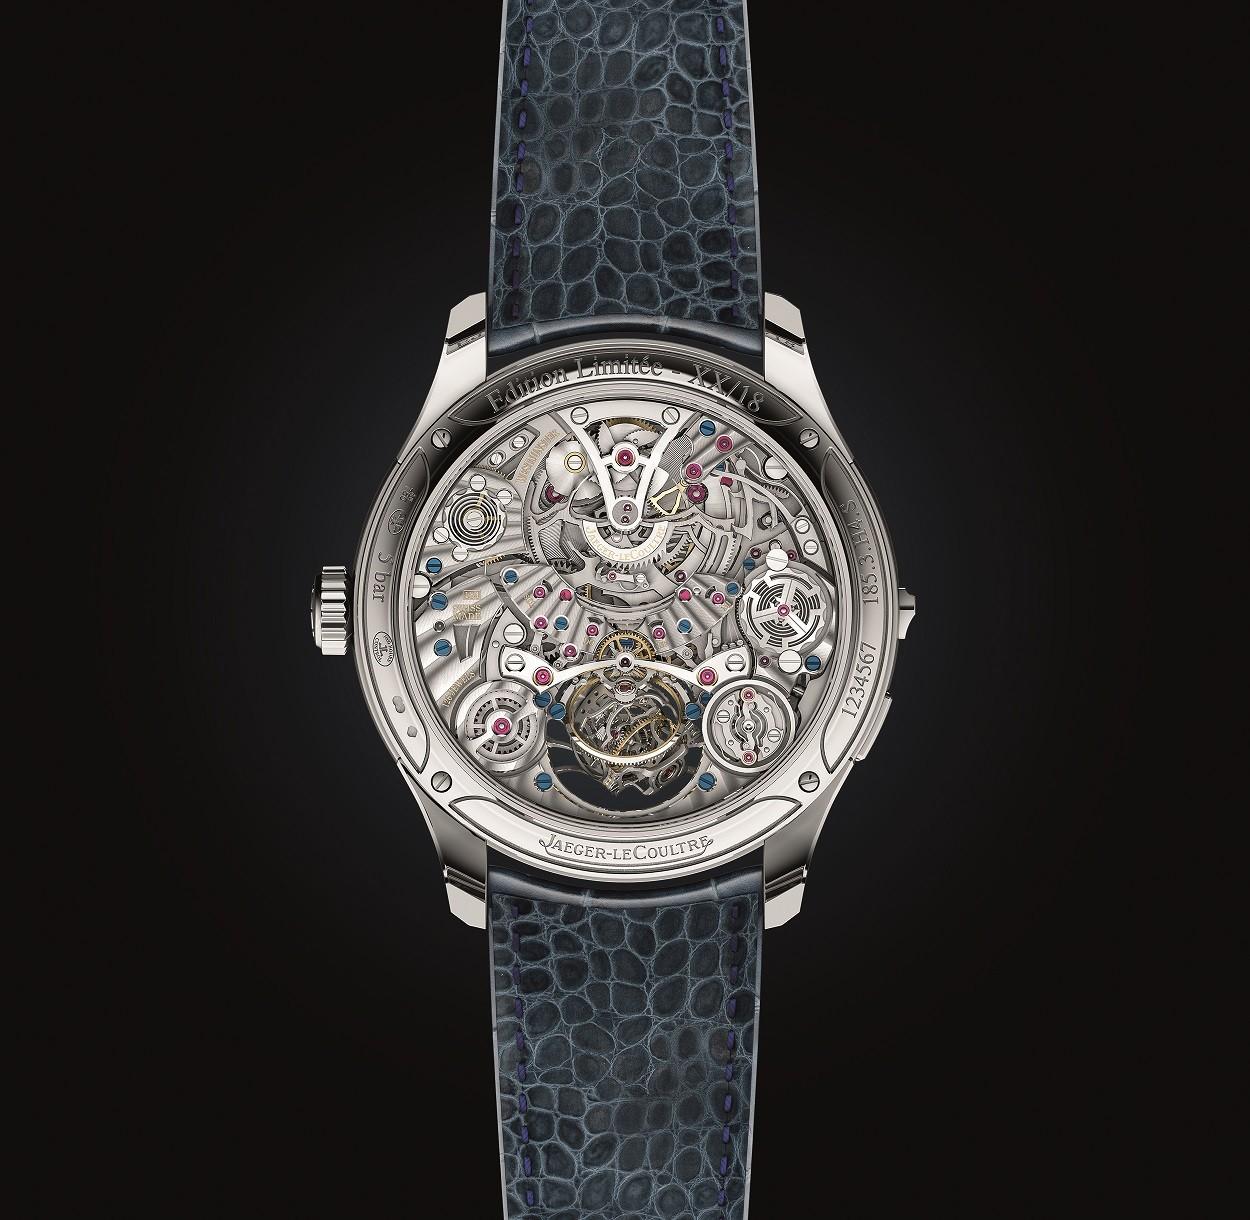 Jaeger LeCoultre часовник